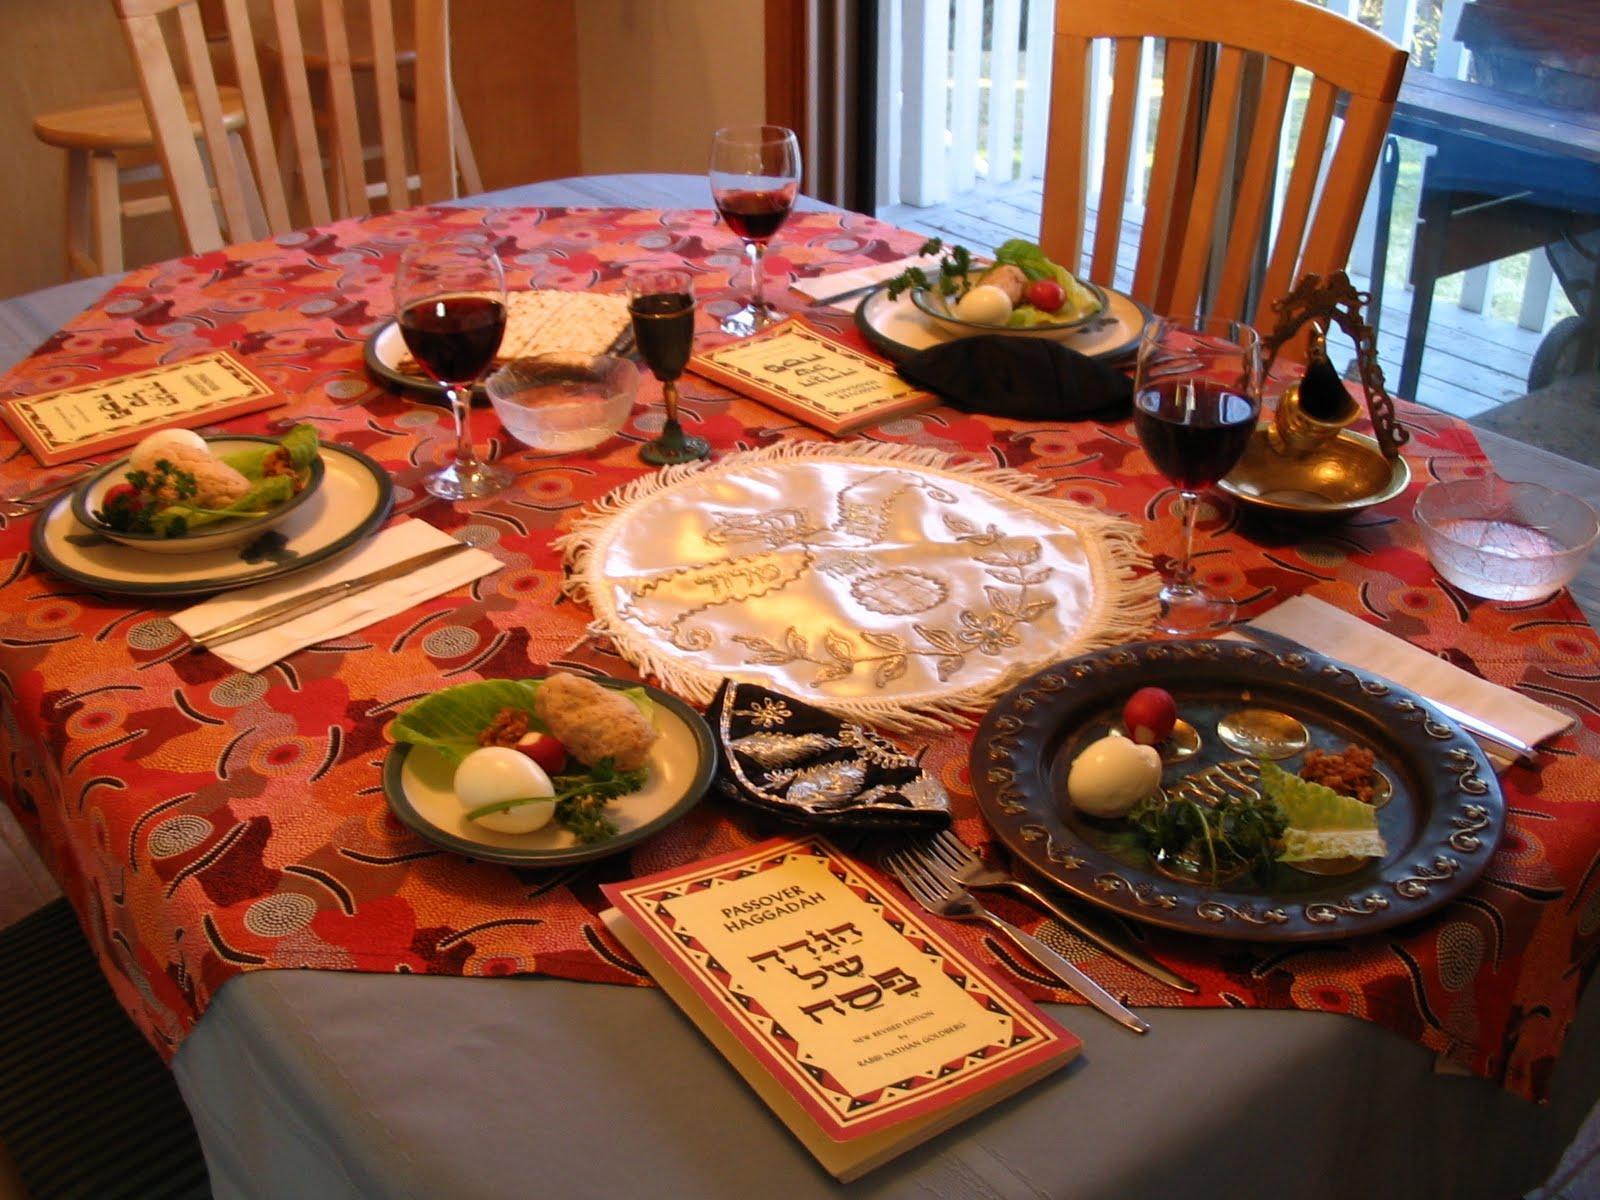 Ortodossa ebraica dating spettacolo